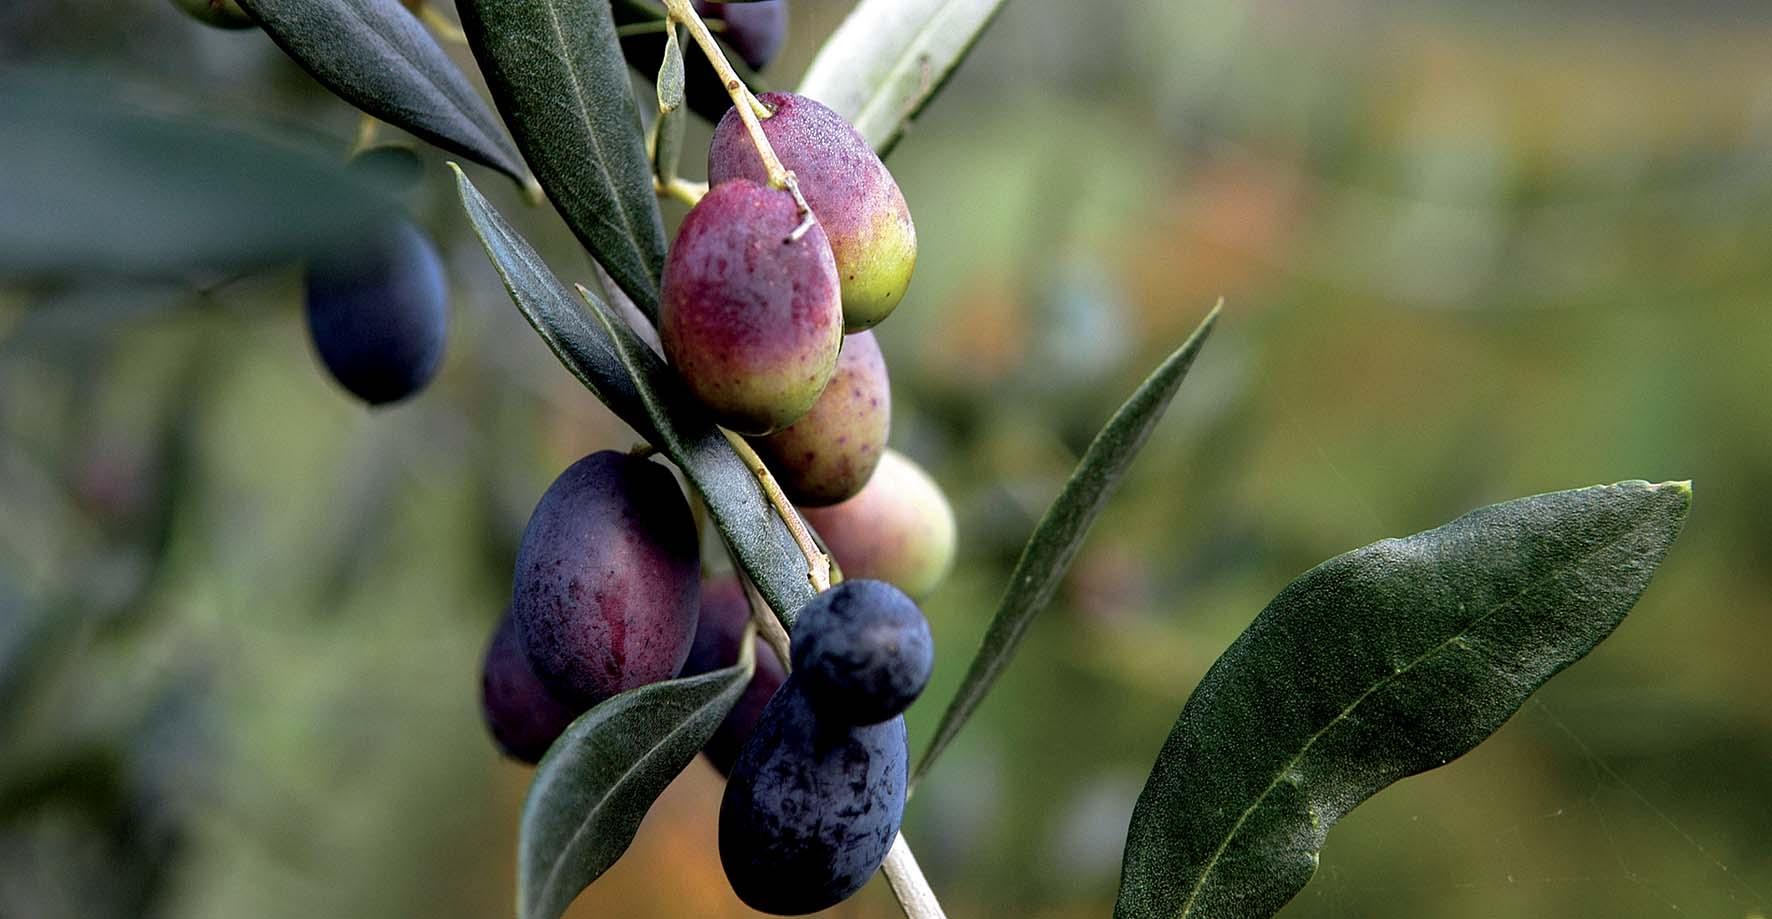 CCIAA TN Olio garda trentino ramo olive